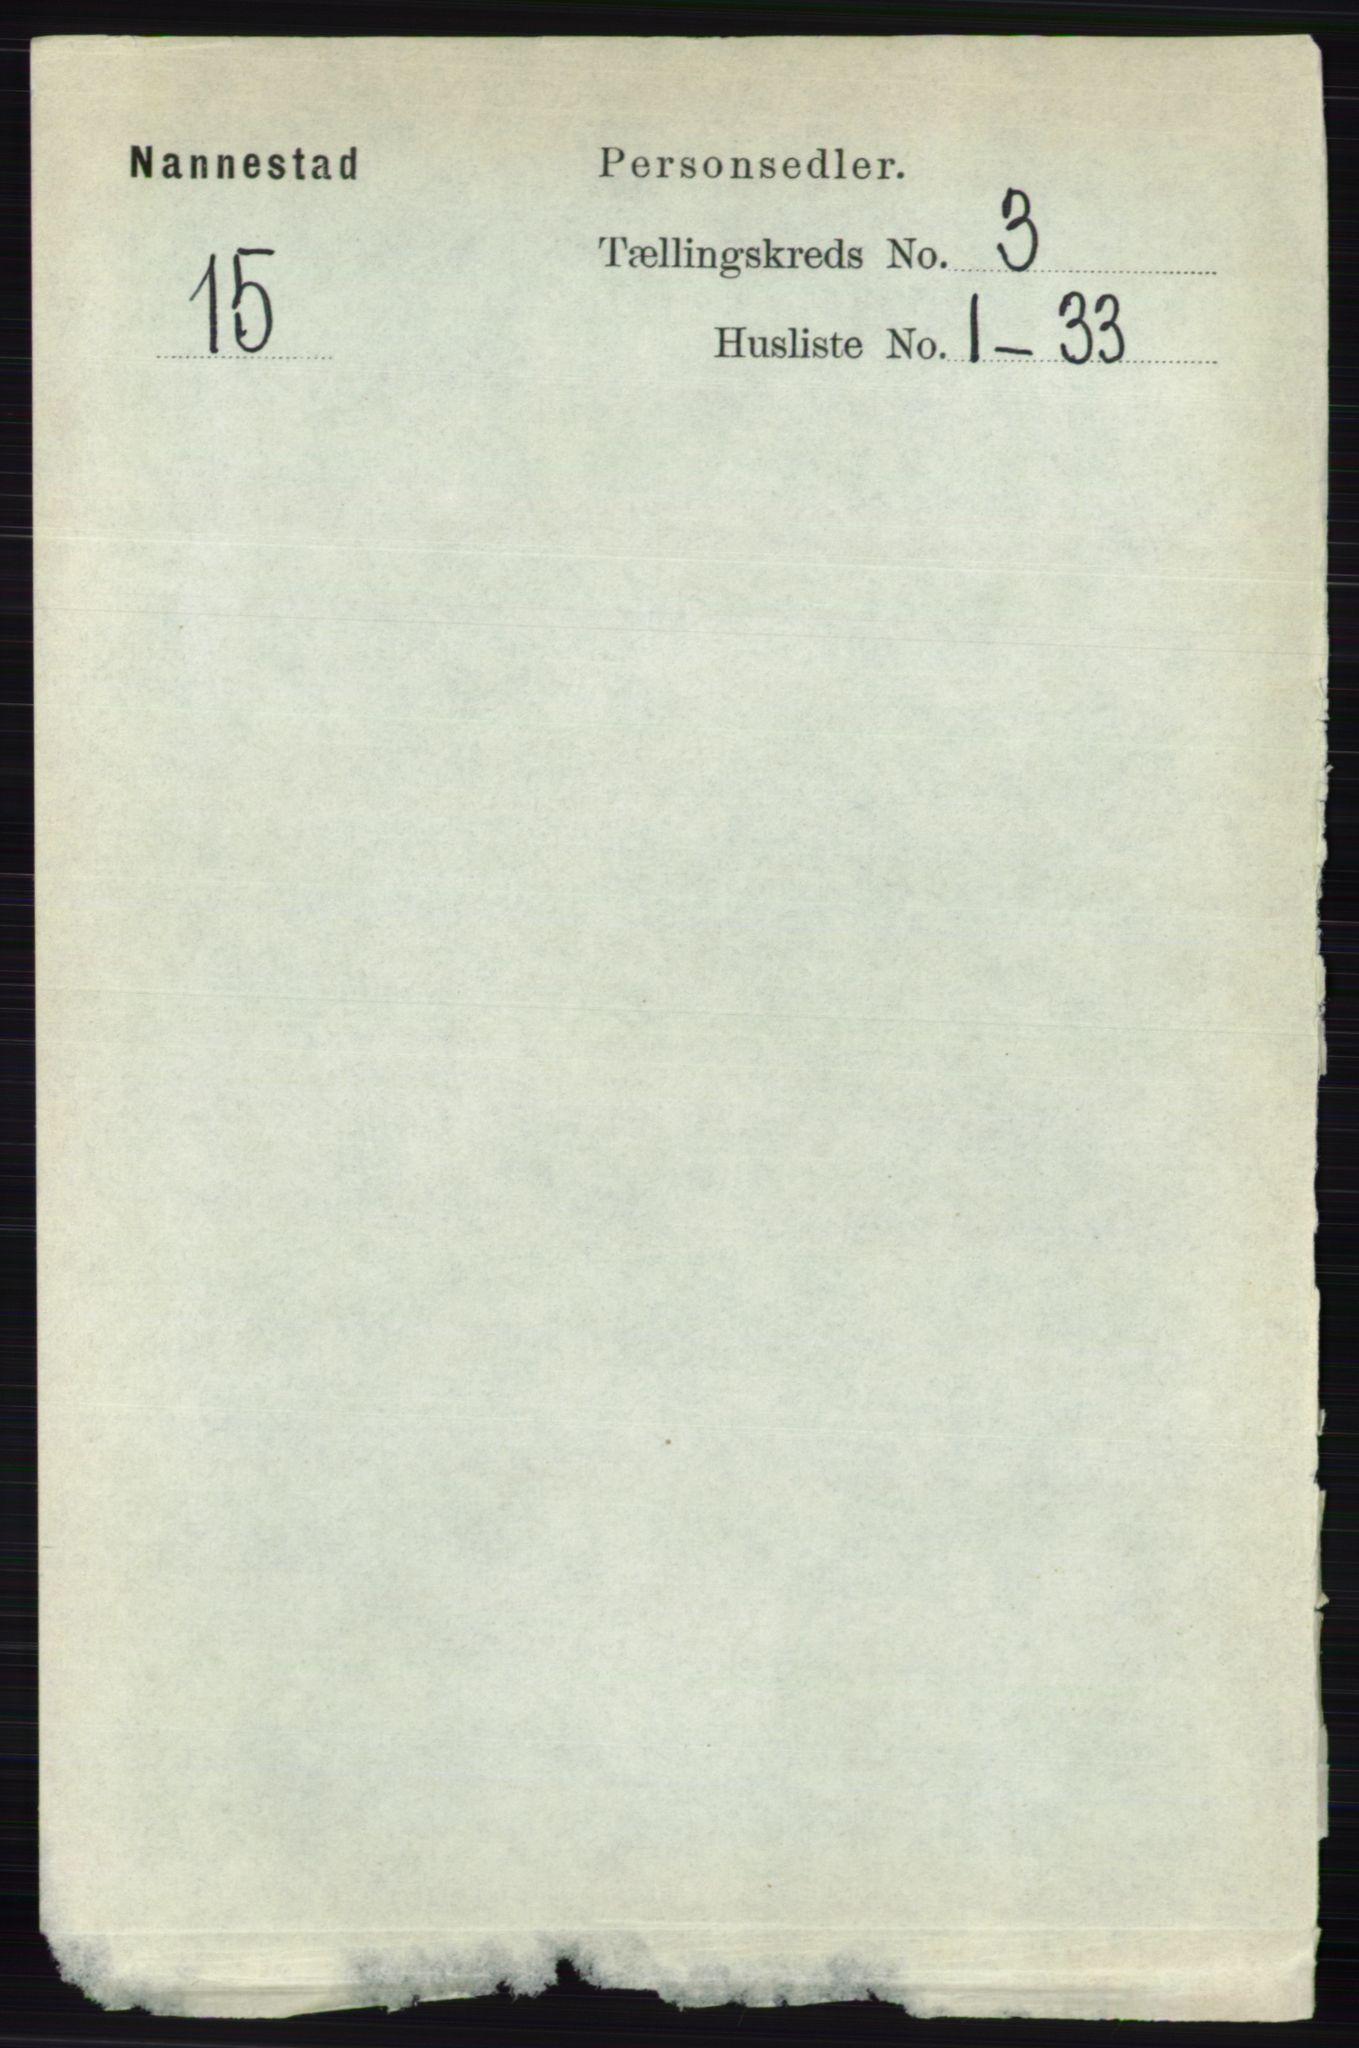 RA, Folketelling 1891 for 0238 Nannestad herred, 1891, s. 1464